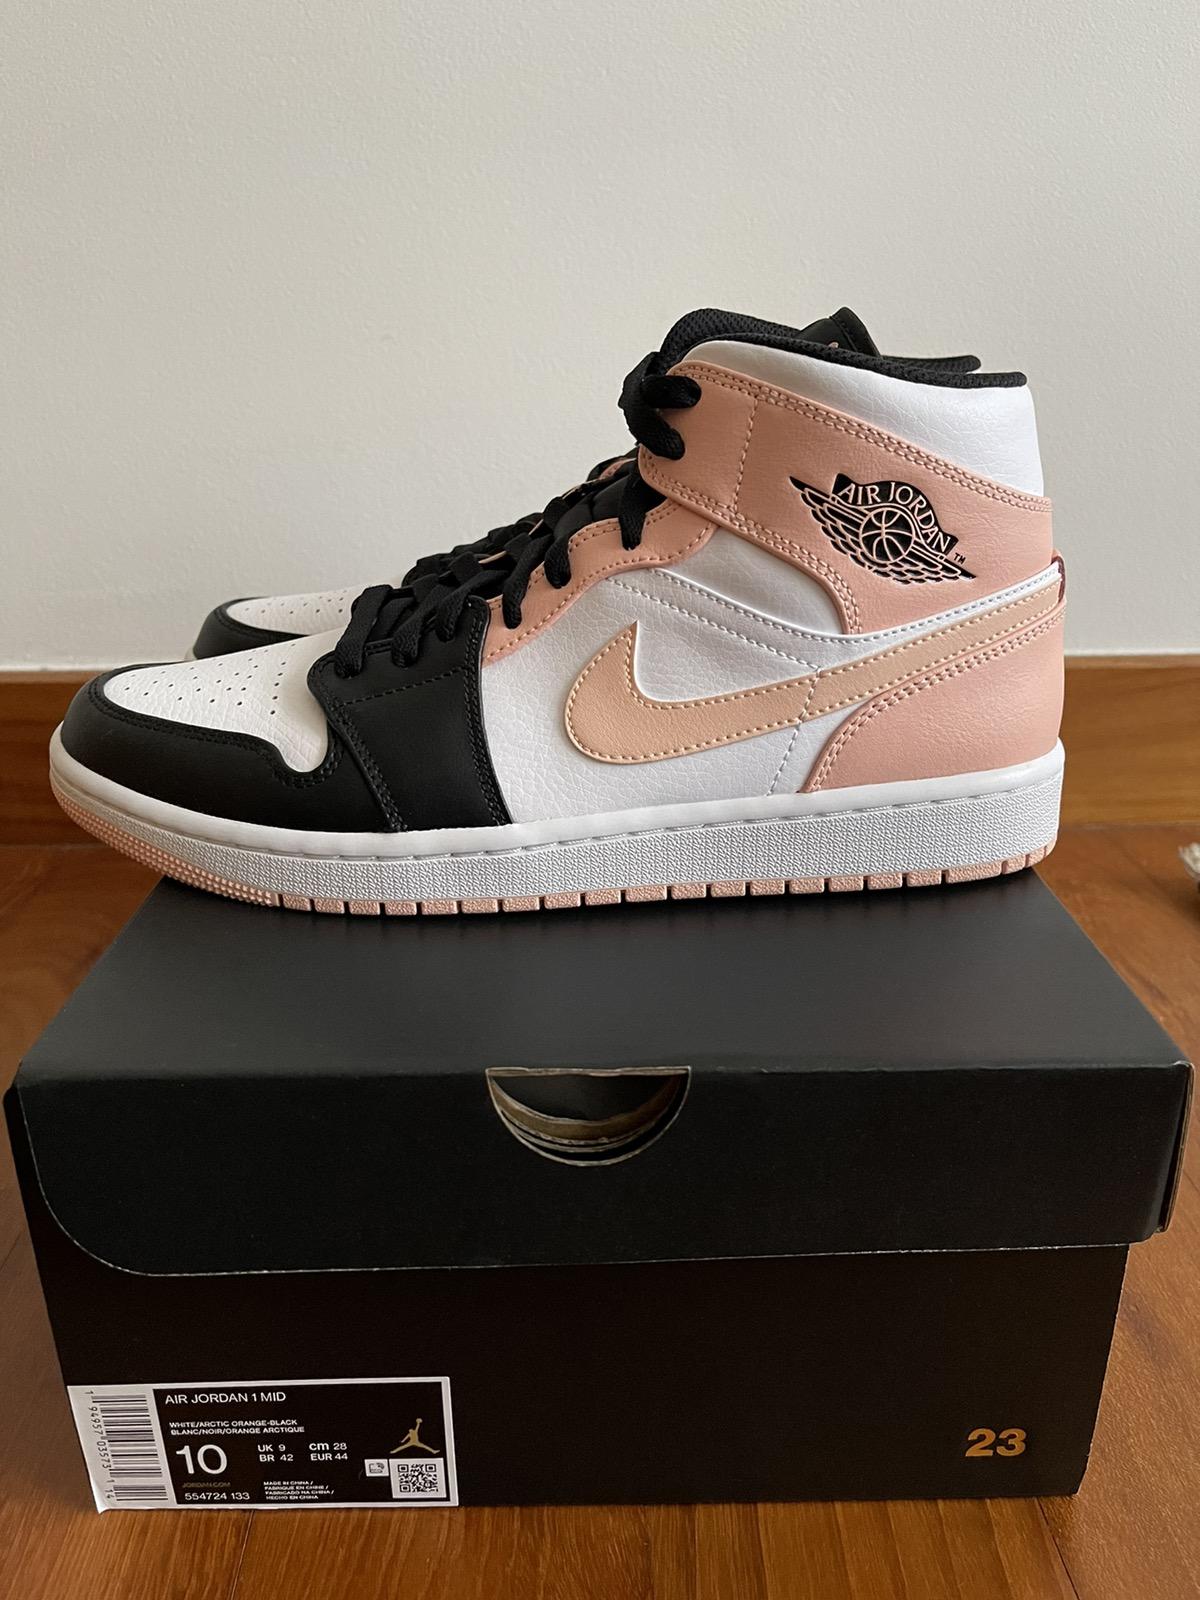 Jordan Brand Nike Air Jordan 1 Mid | white arctic orange